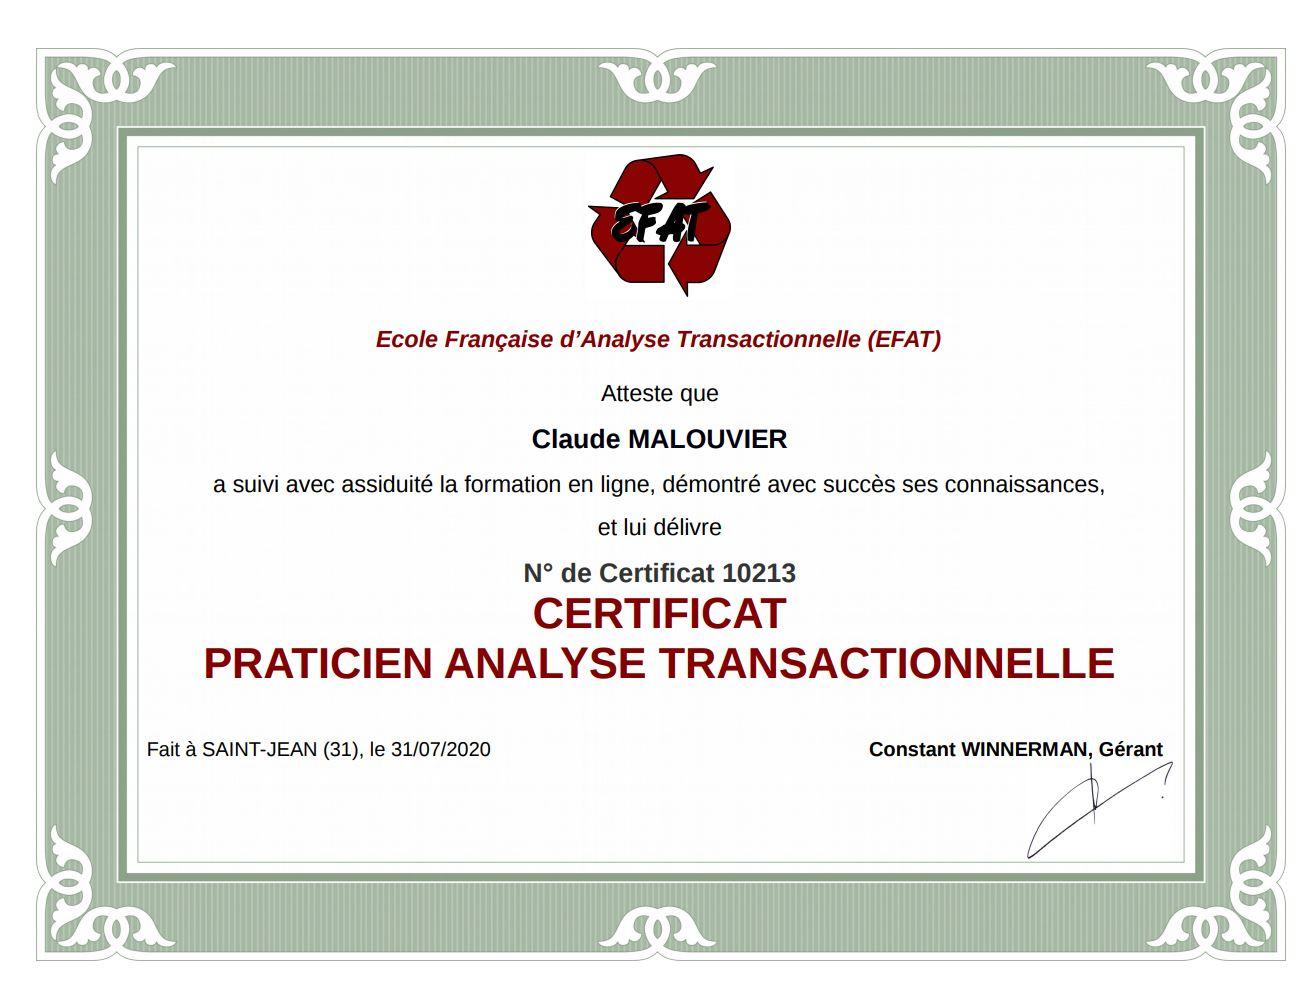 Praticien analyse transactionnelle certifié - Sénart 77